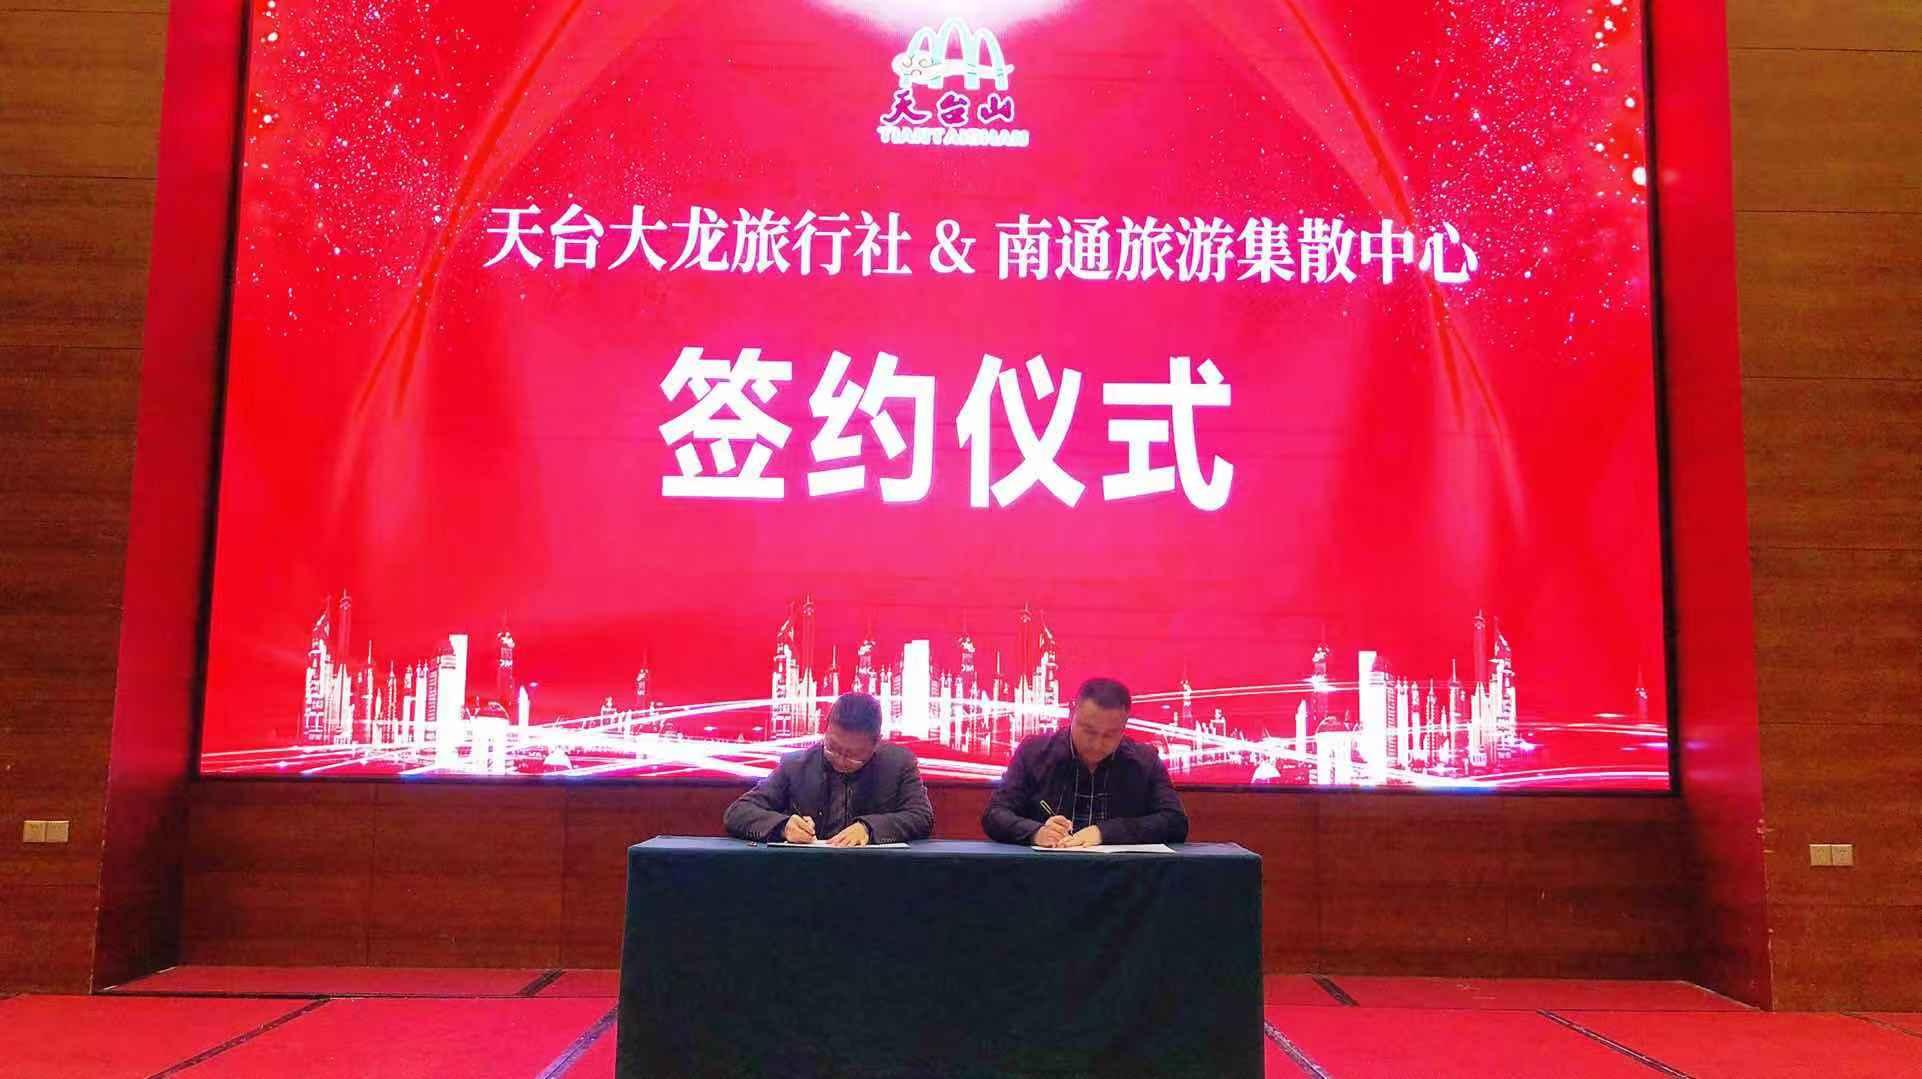 http://www.nthuaimage.com/tiyuyundong/32445.html